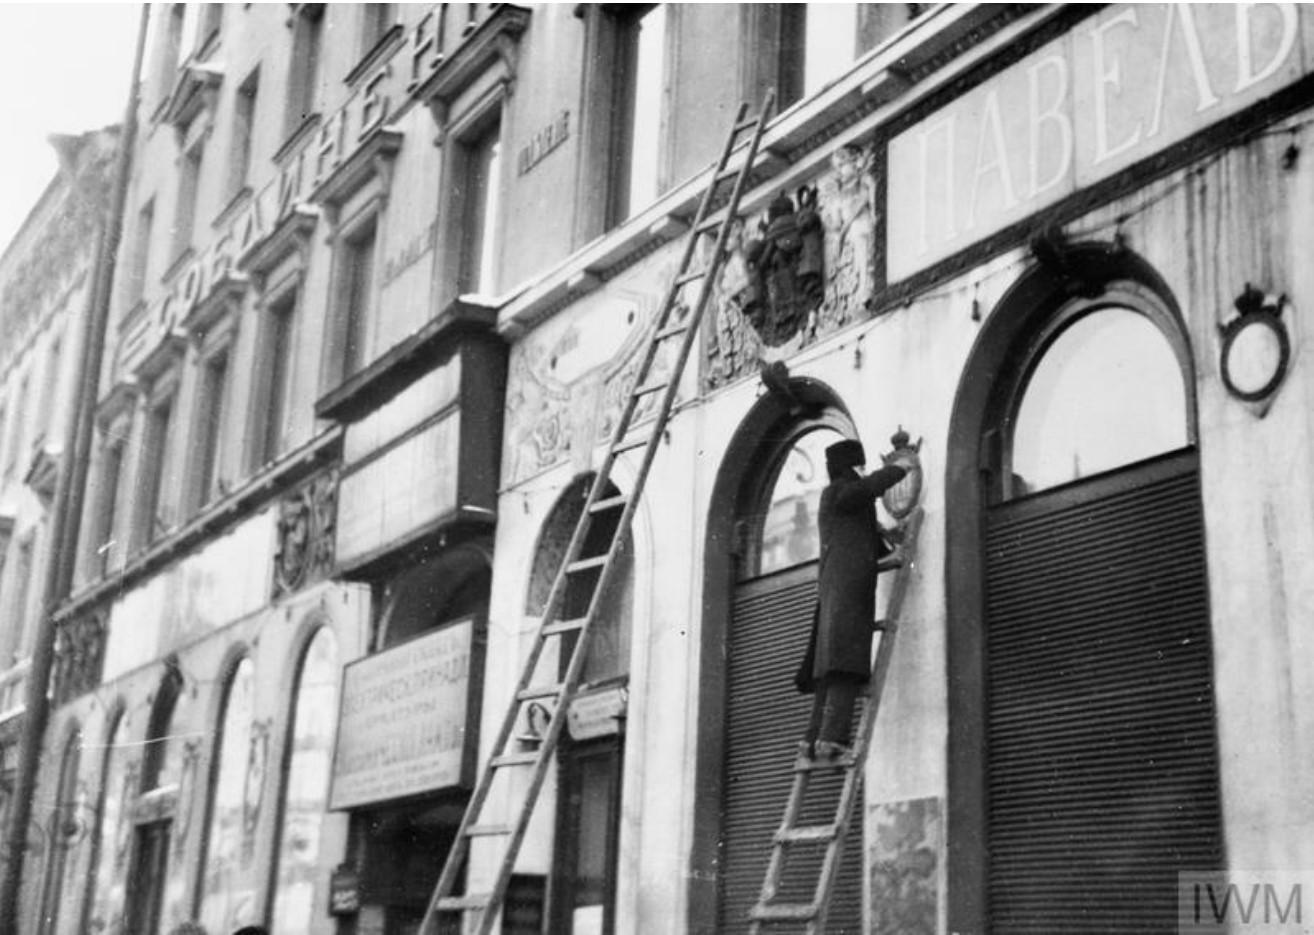 Революционеры сбивают символы царского режима с фасада официальных зданий, Петроград